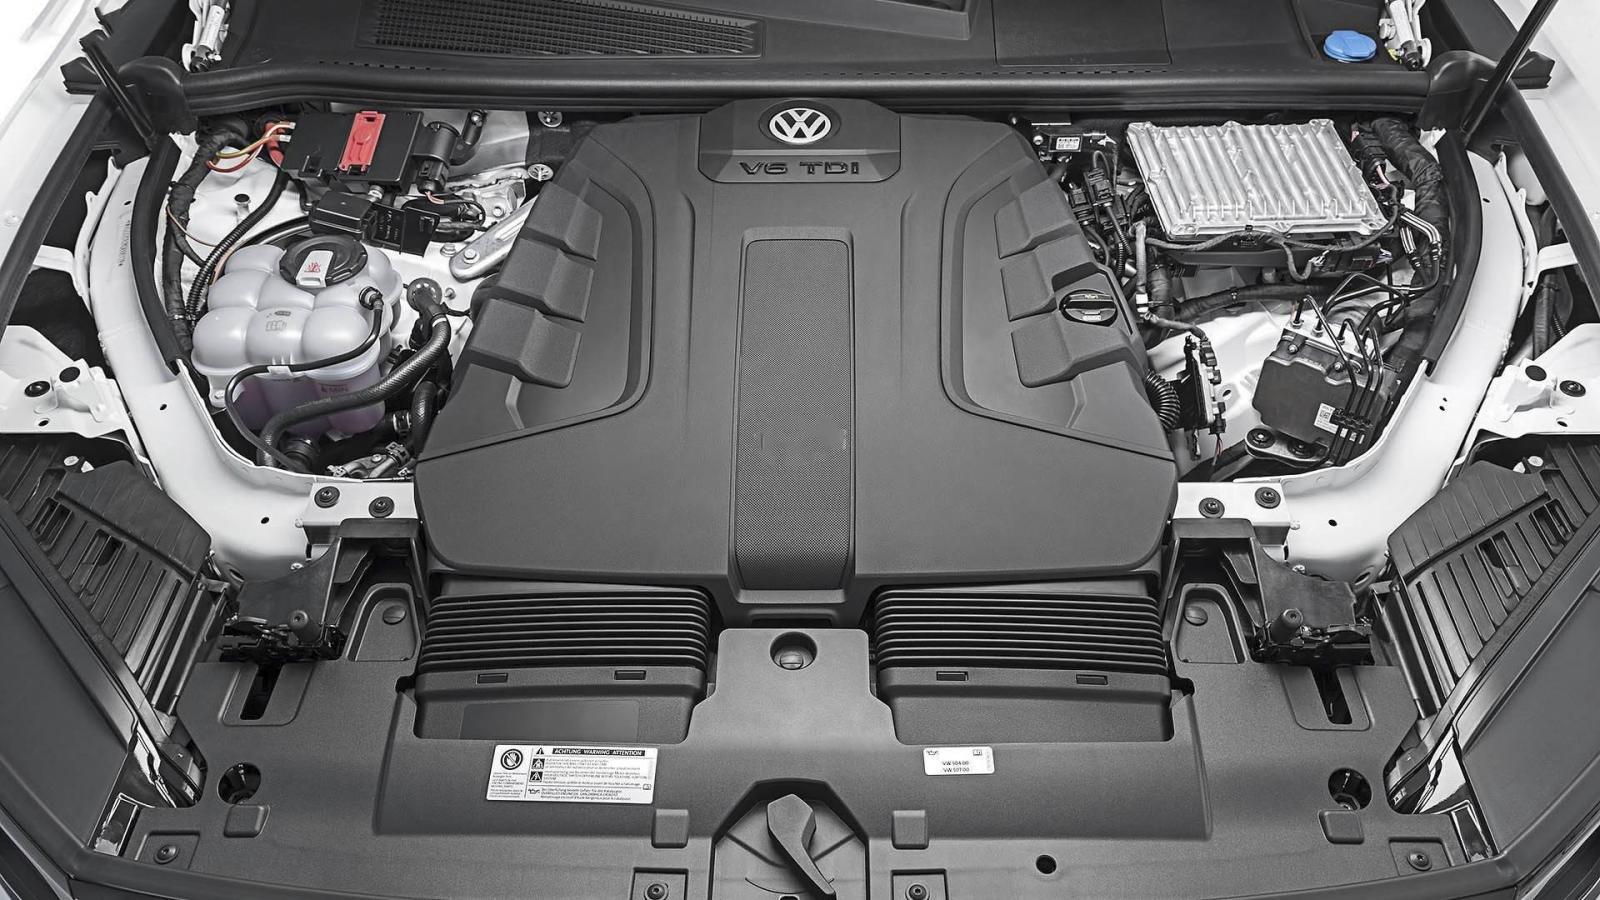 Đánh giá xe Volkswagen Touareg 2019 về động cơ: tăng áp V6 3,0 lít mạnh mẽ 2